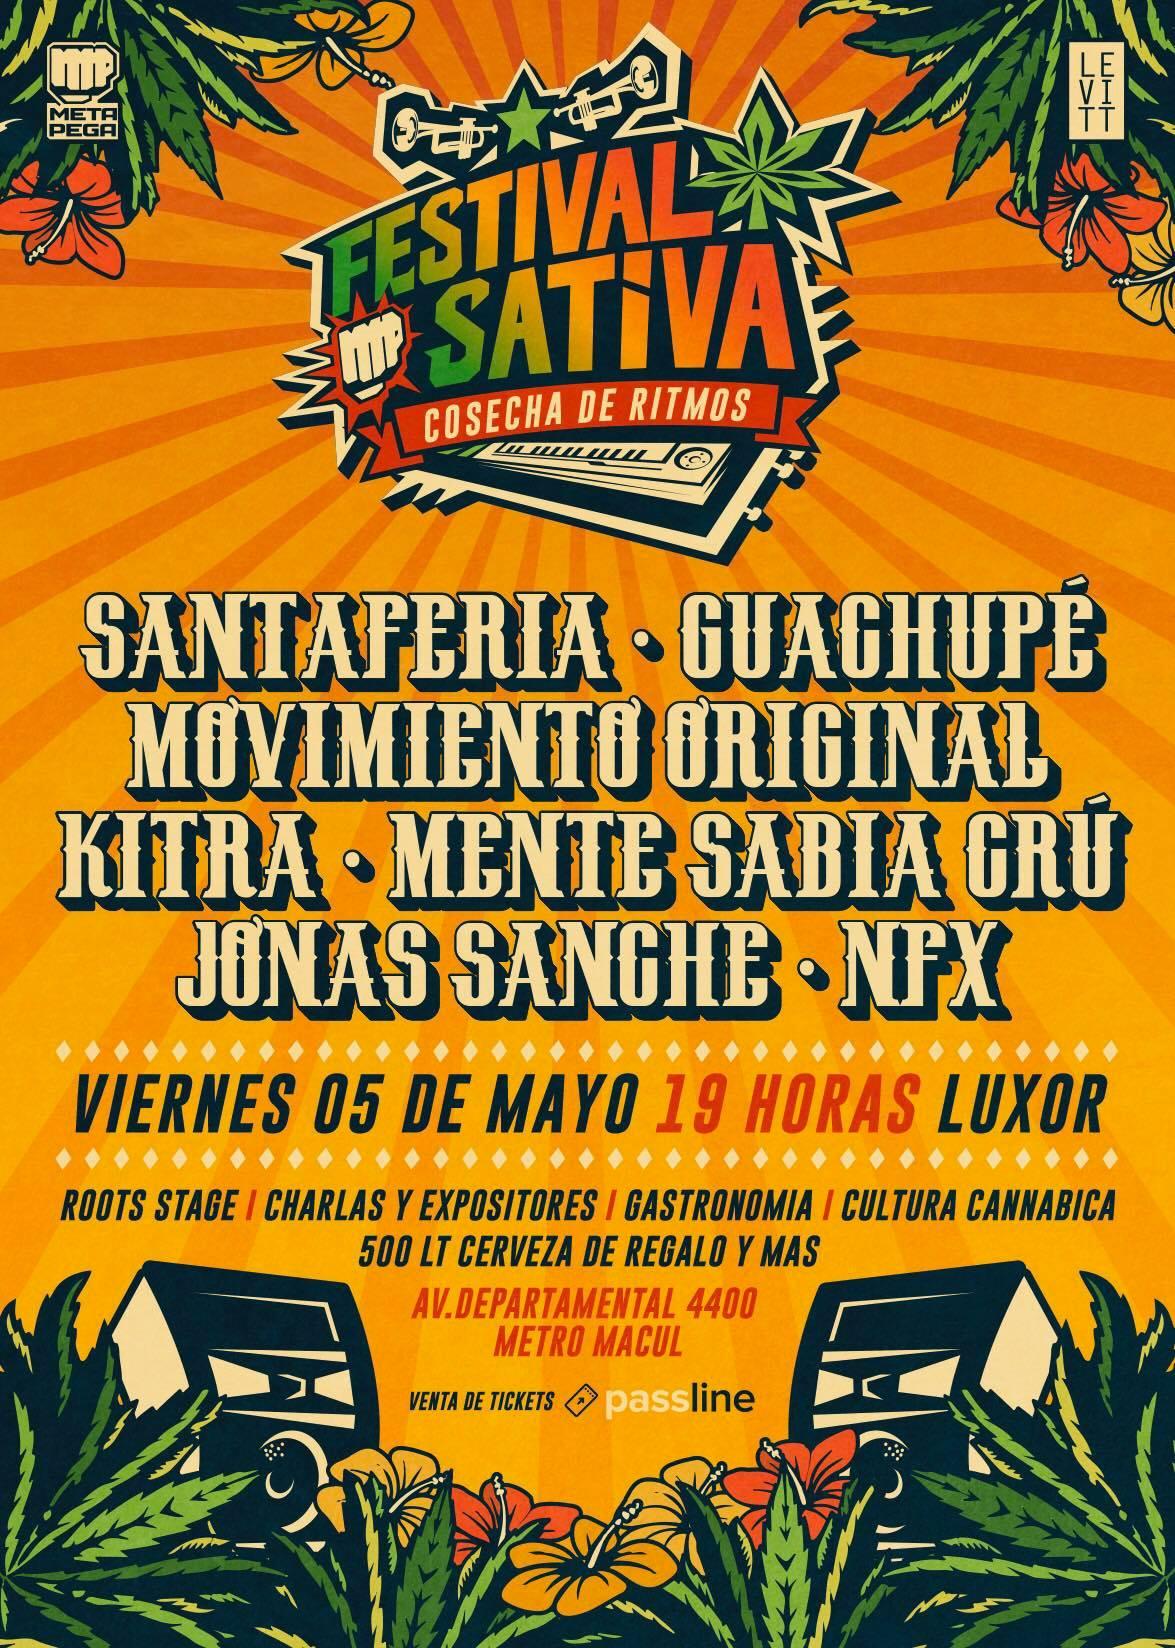 Flyer_FestivalSativa_05Mayo